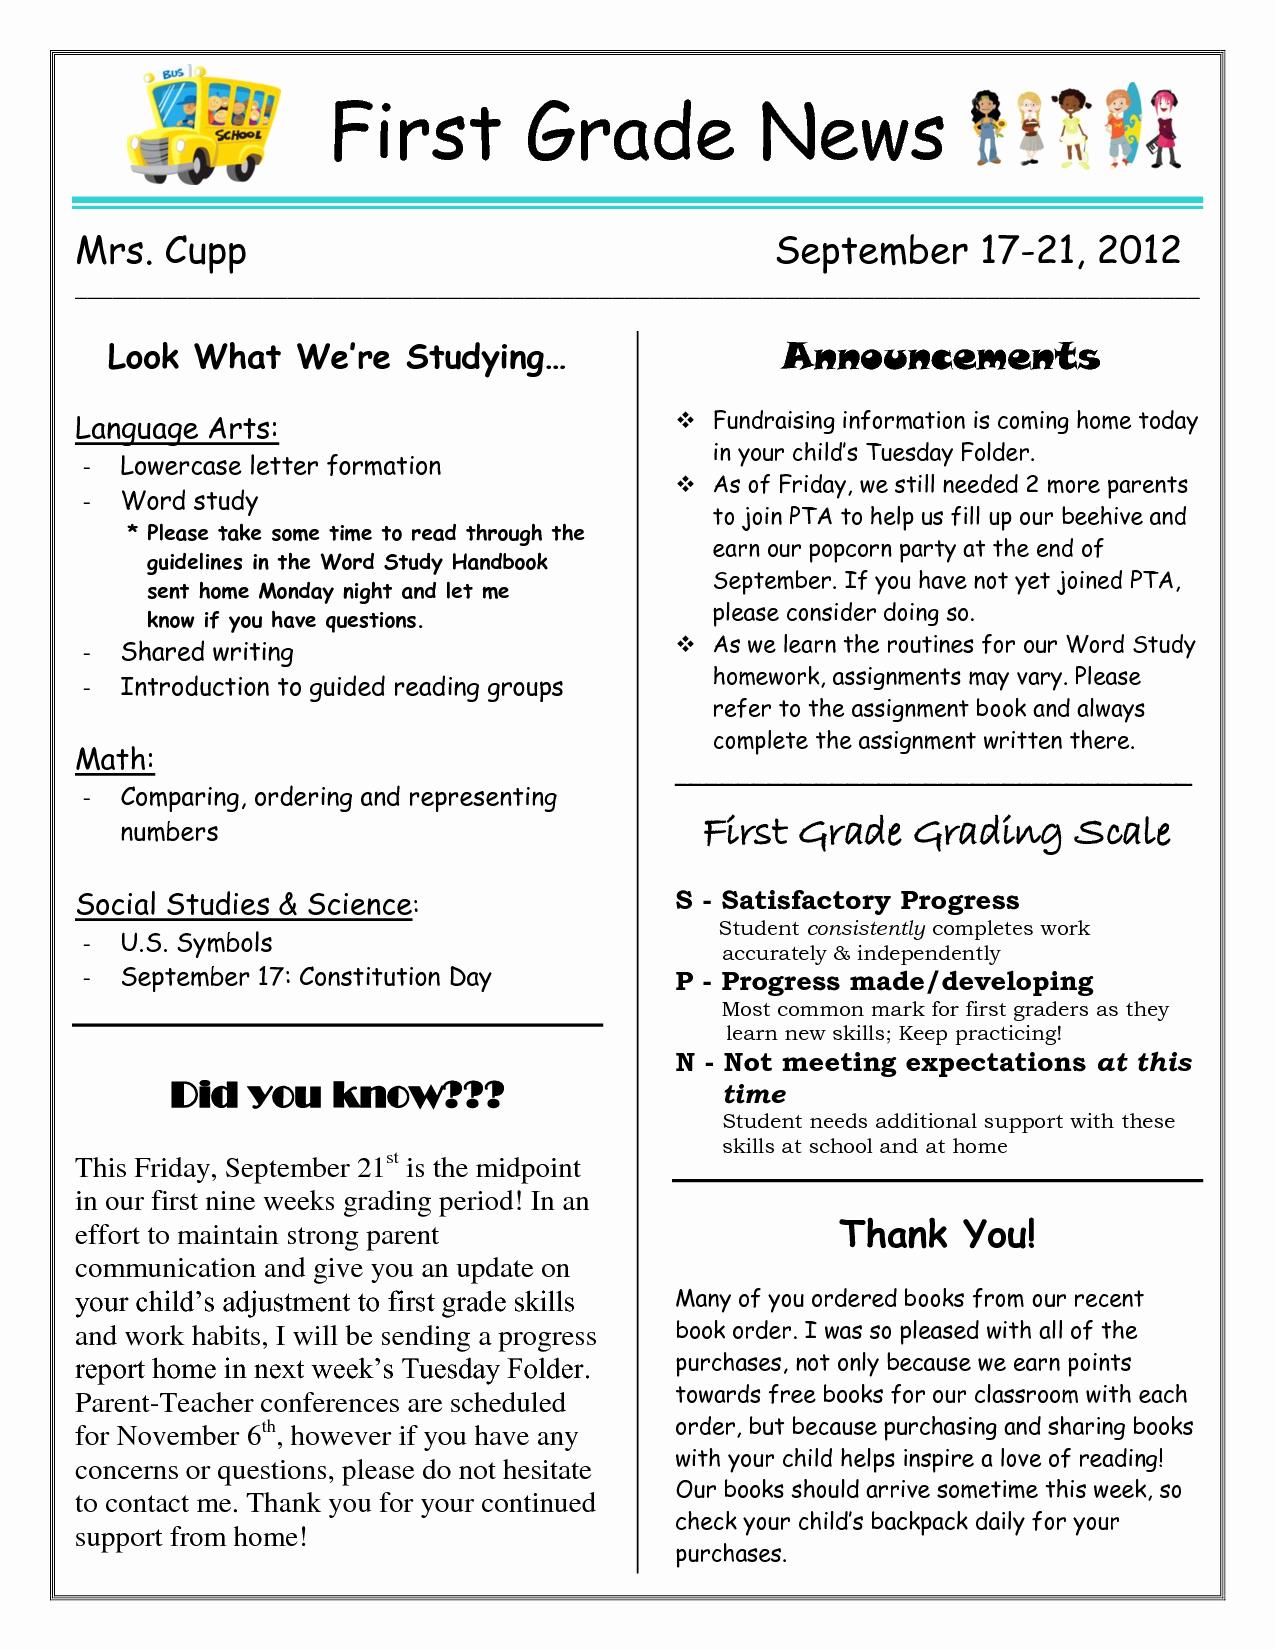 10 Best Of First Grade Classroom Newsletter